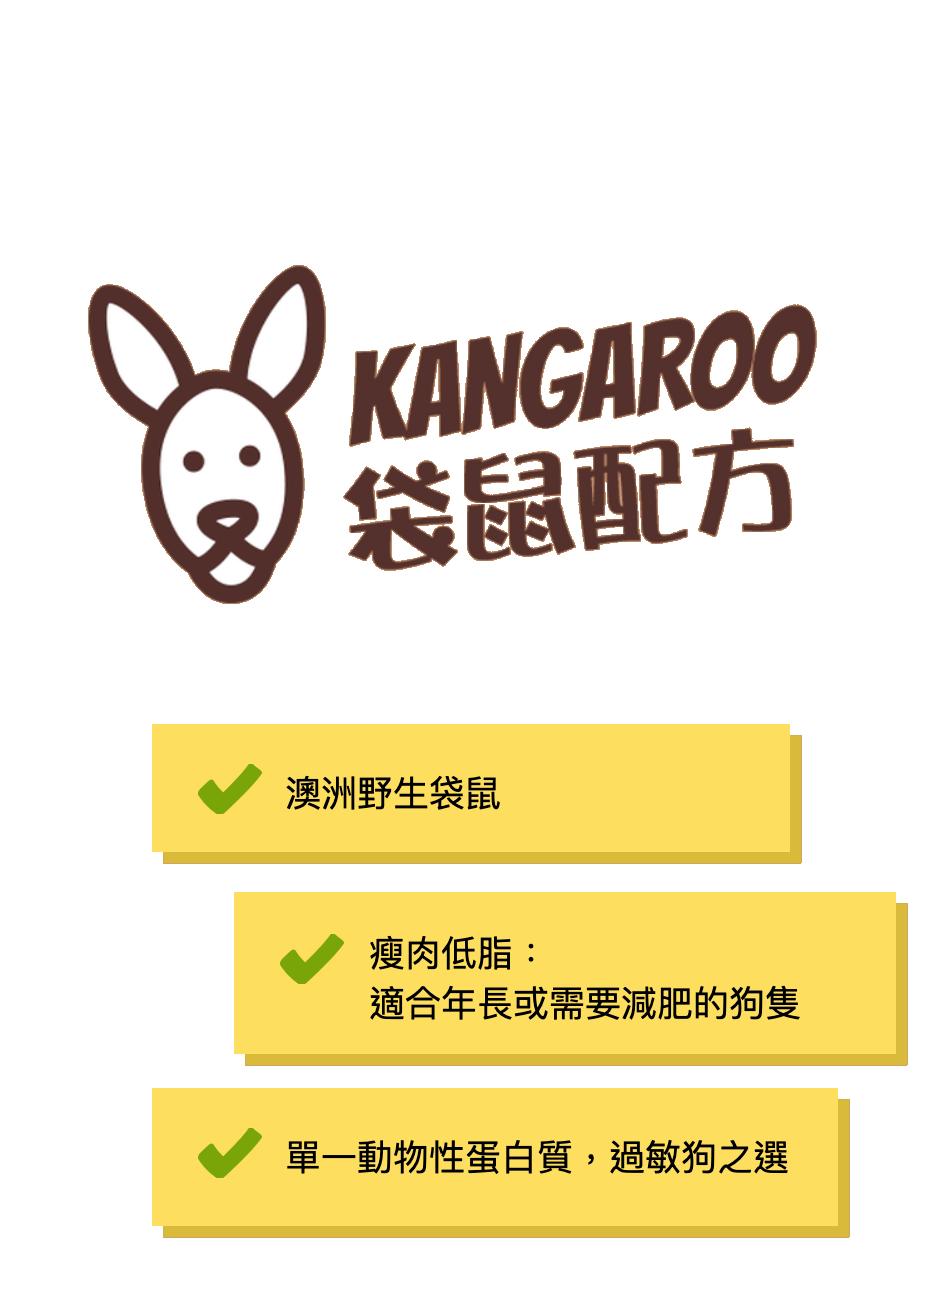 bigdog_fd_pro_dee_kanga_02.png